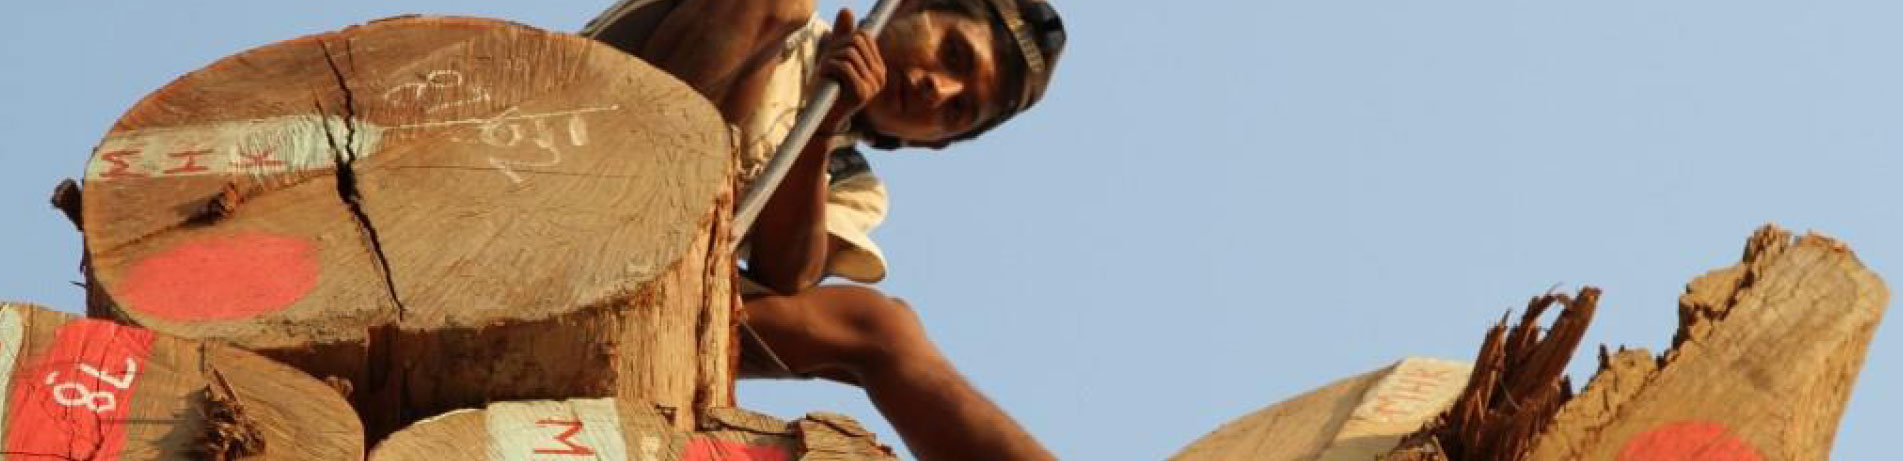 Worker in a log yard, Myanmar